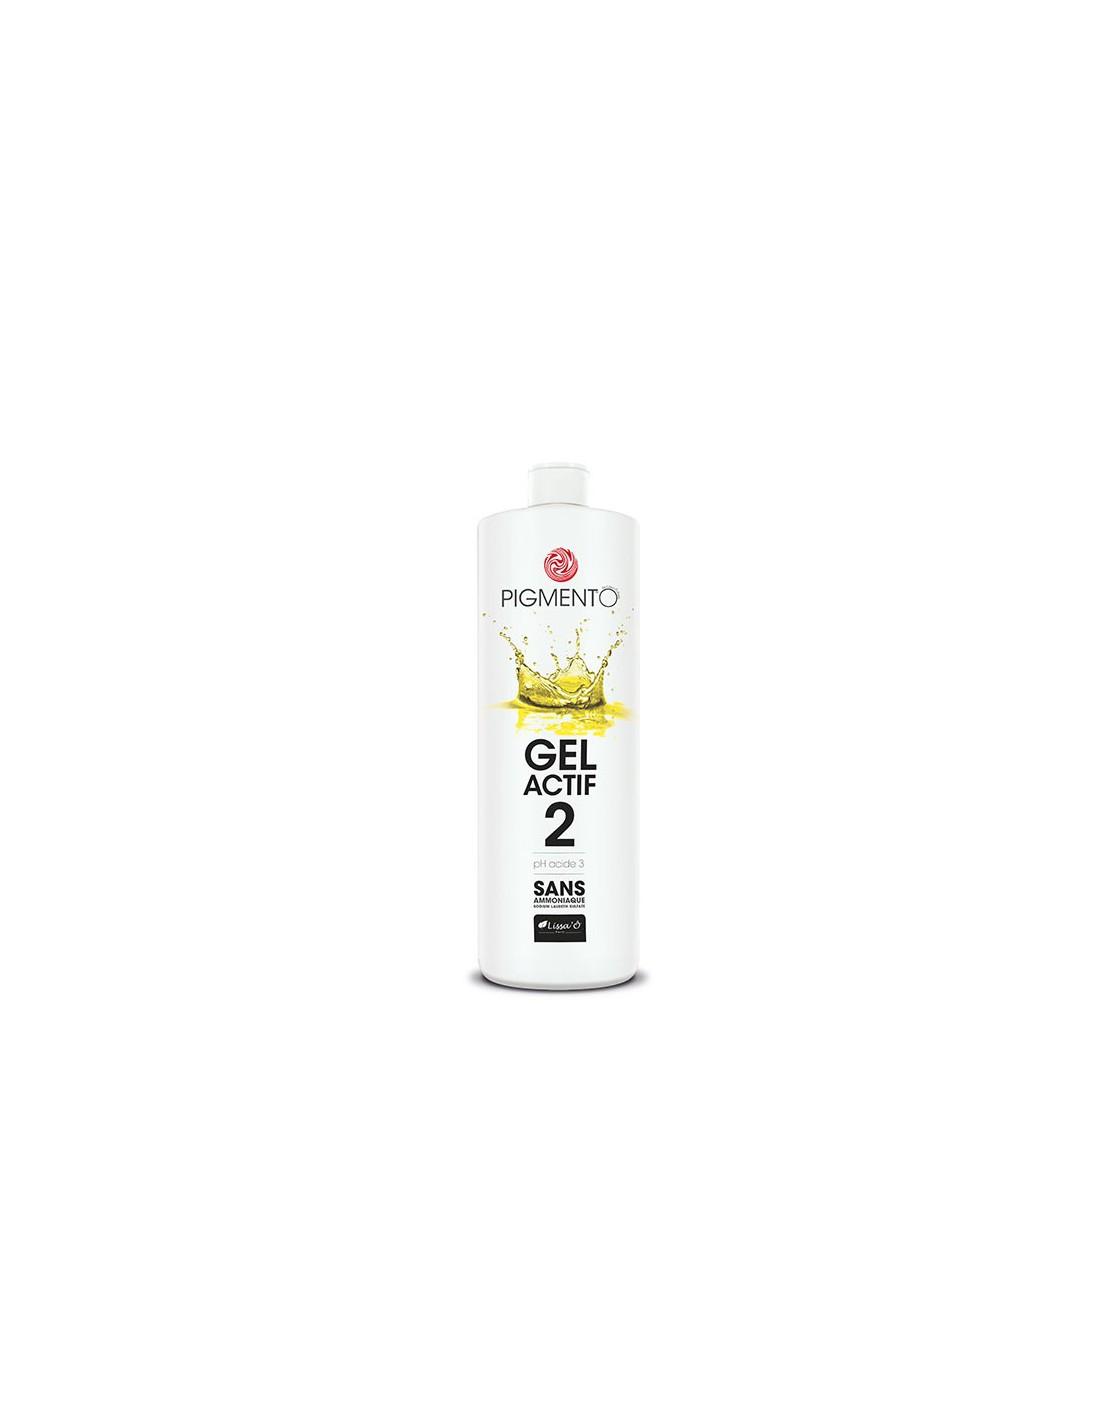 Gel actif n°2 - 1000 ml